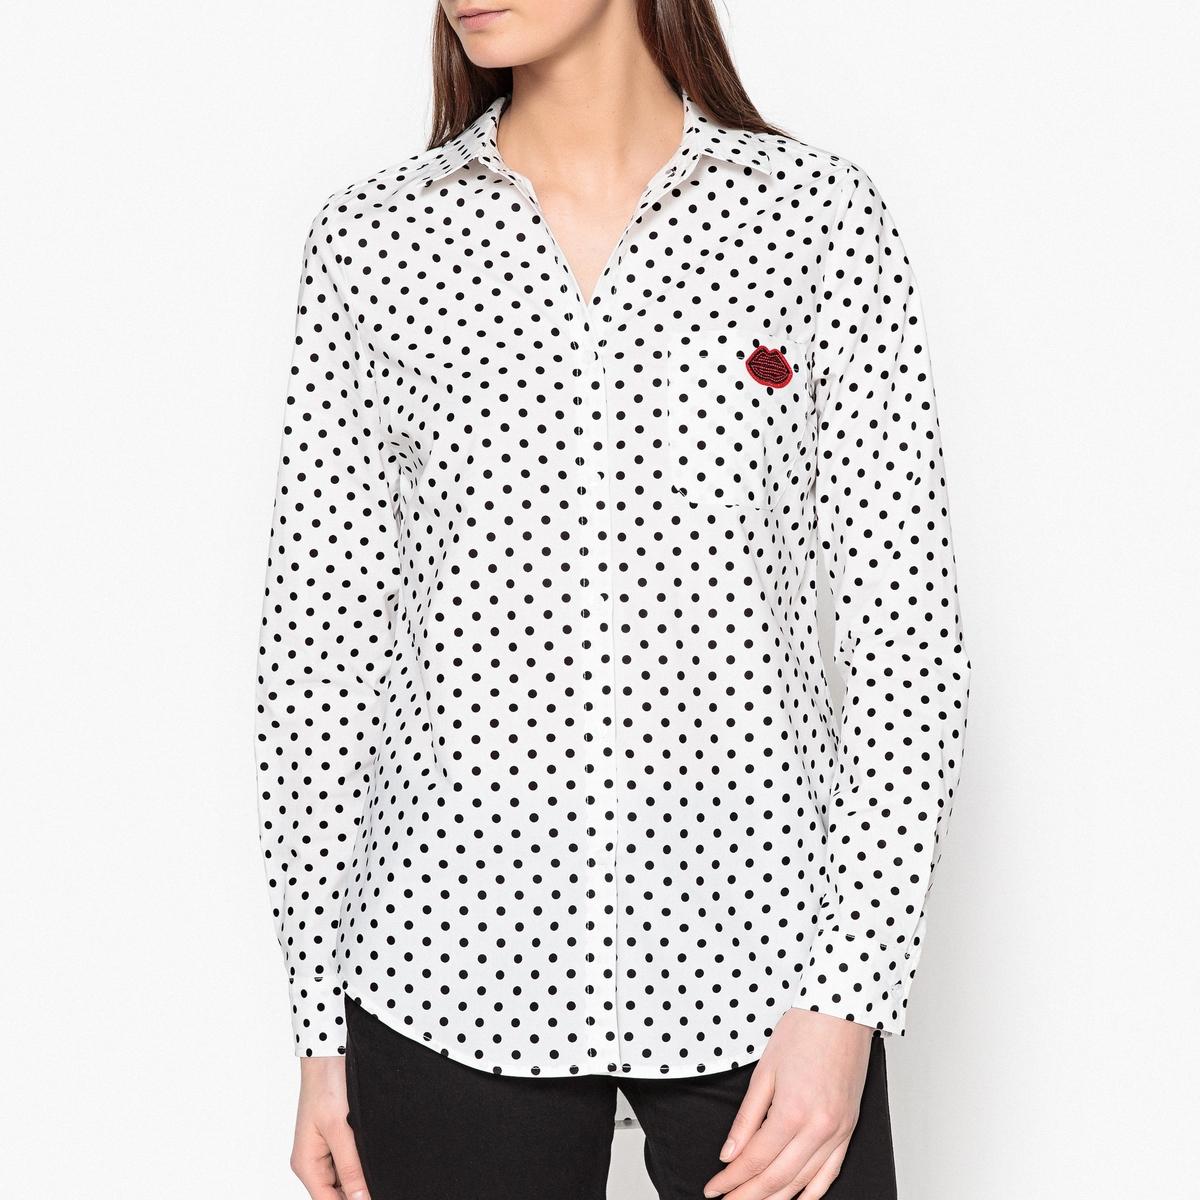 Рубашка с вышивкой и рисунком PAKSOI рубашка с вышивкой